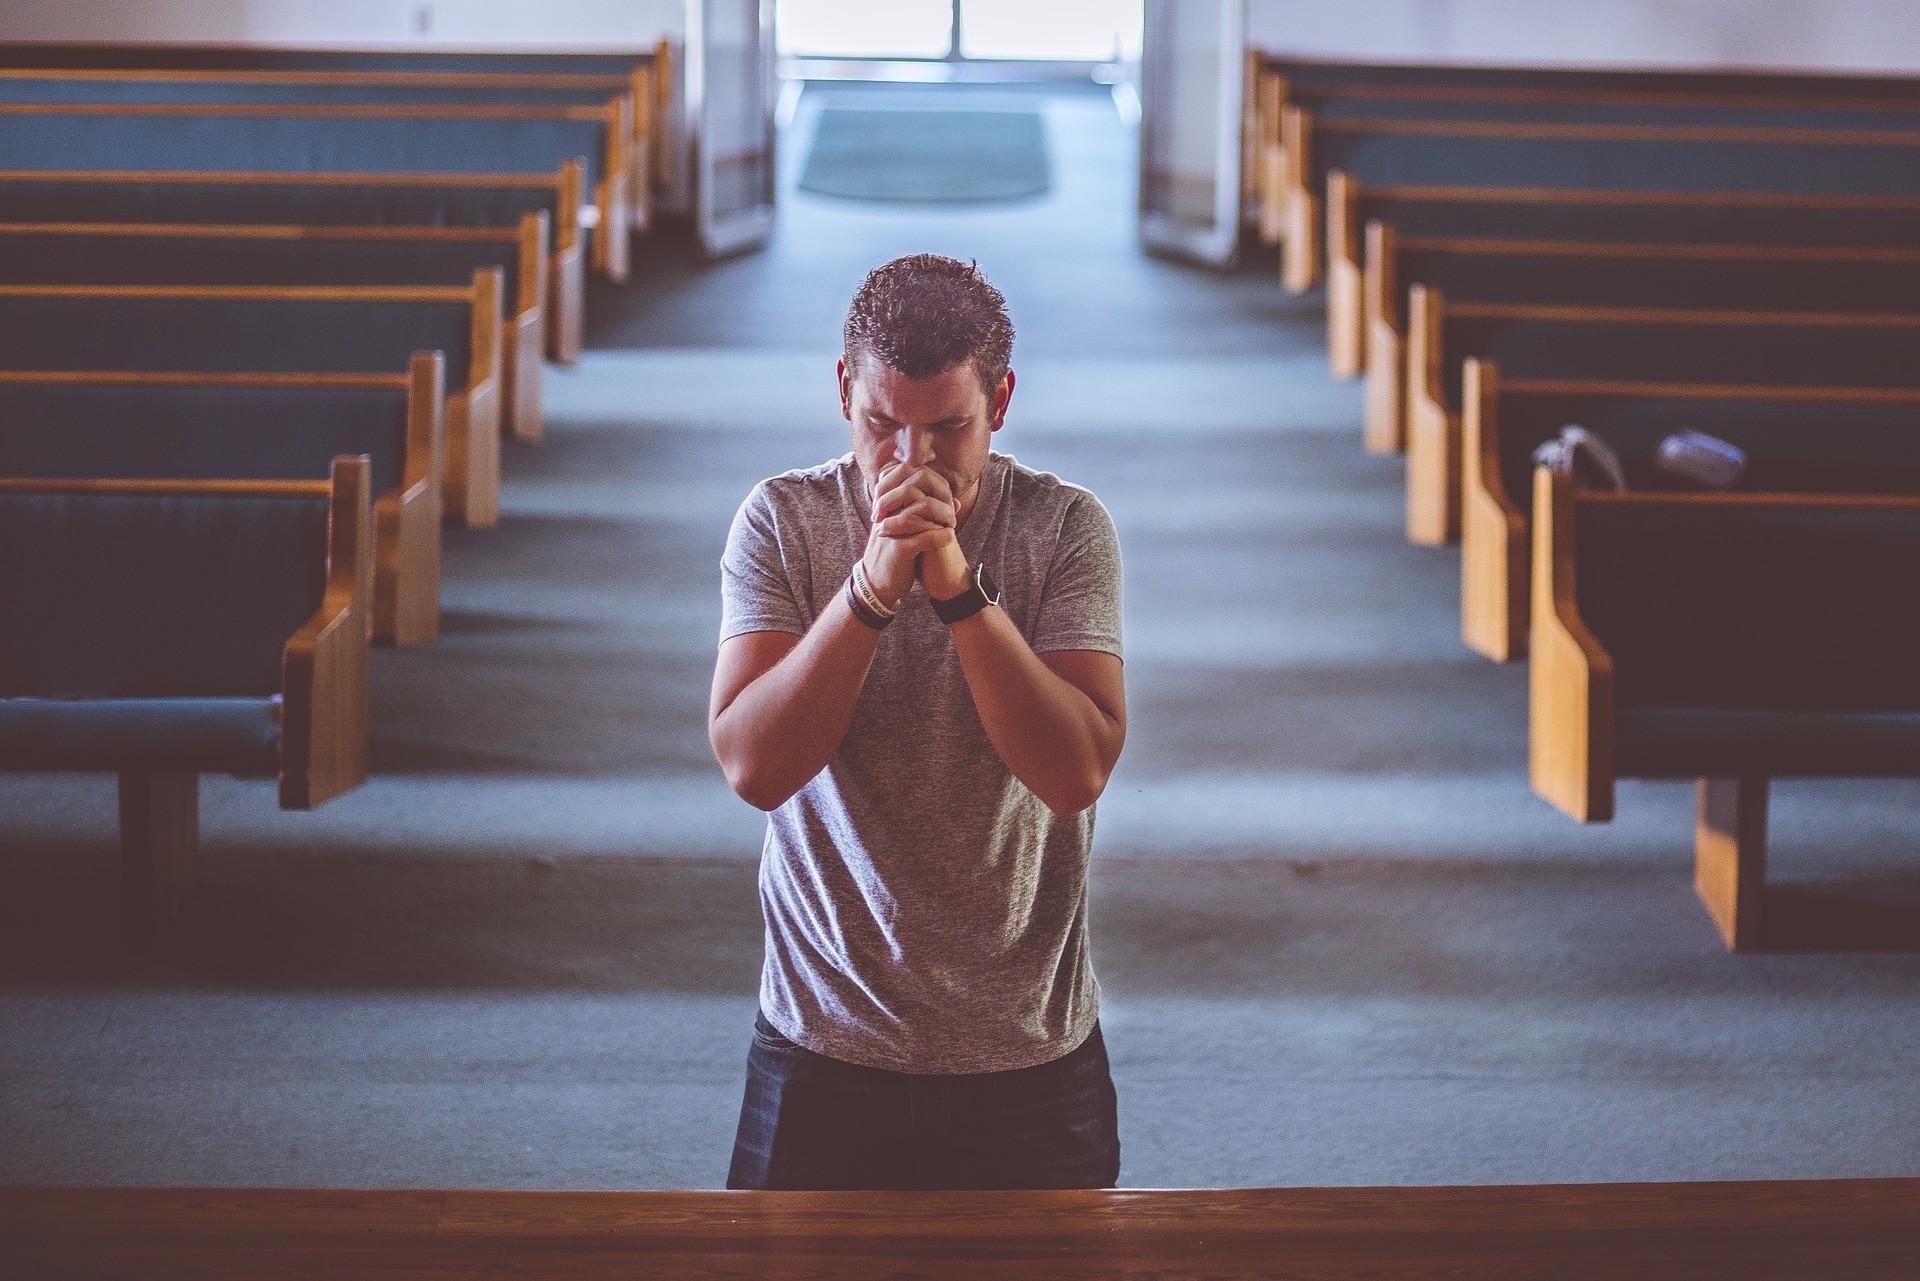 Amar a Dios con todo nuestro corazón: ¿Qué significa?